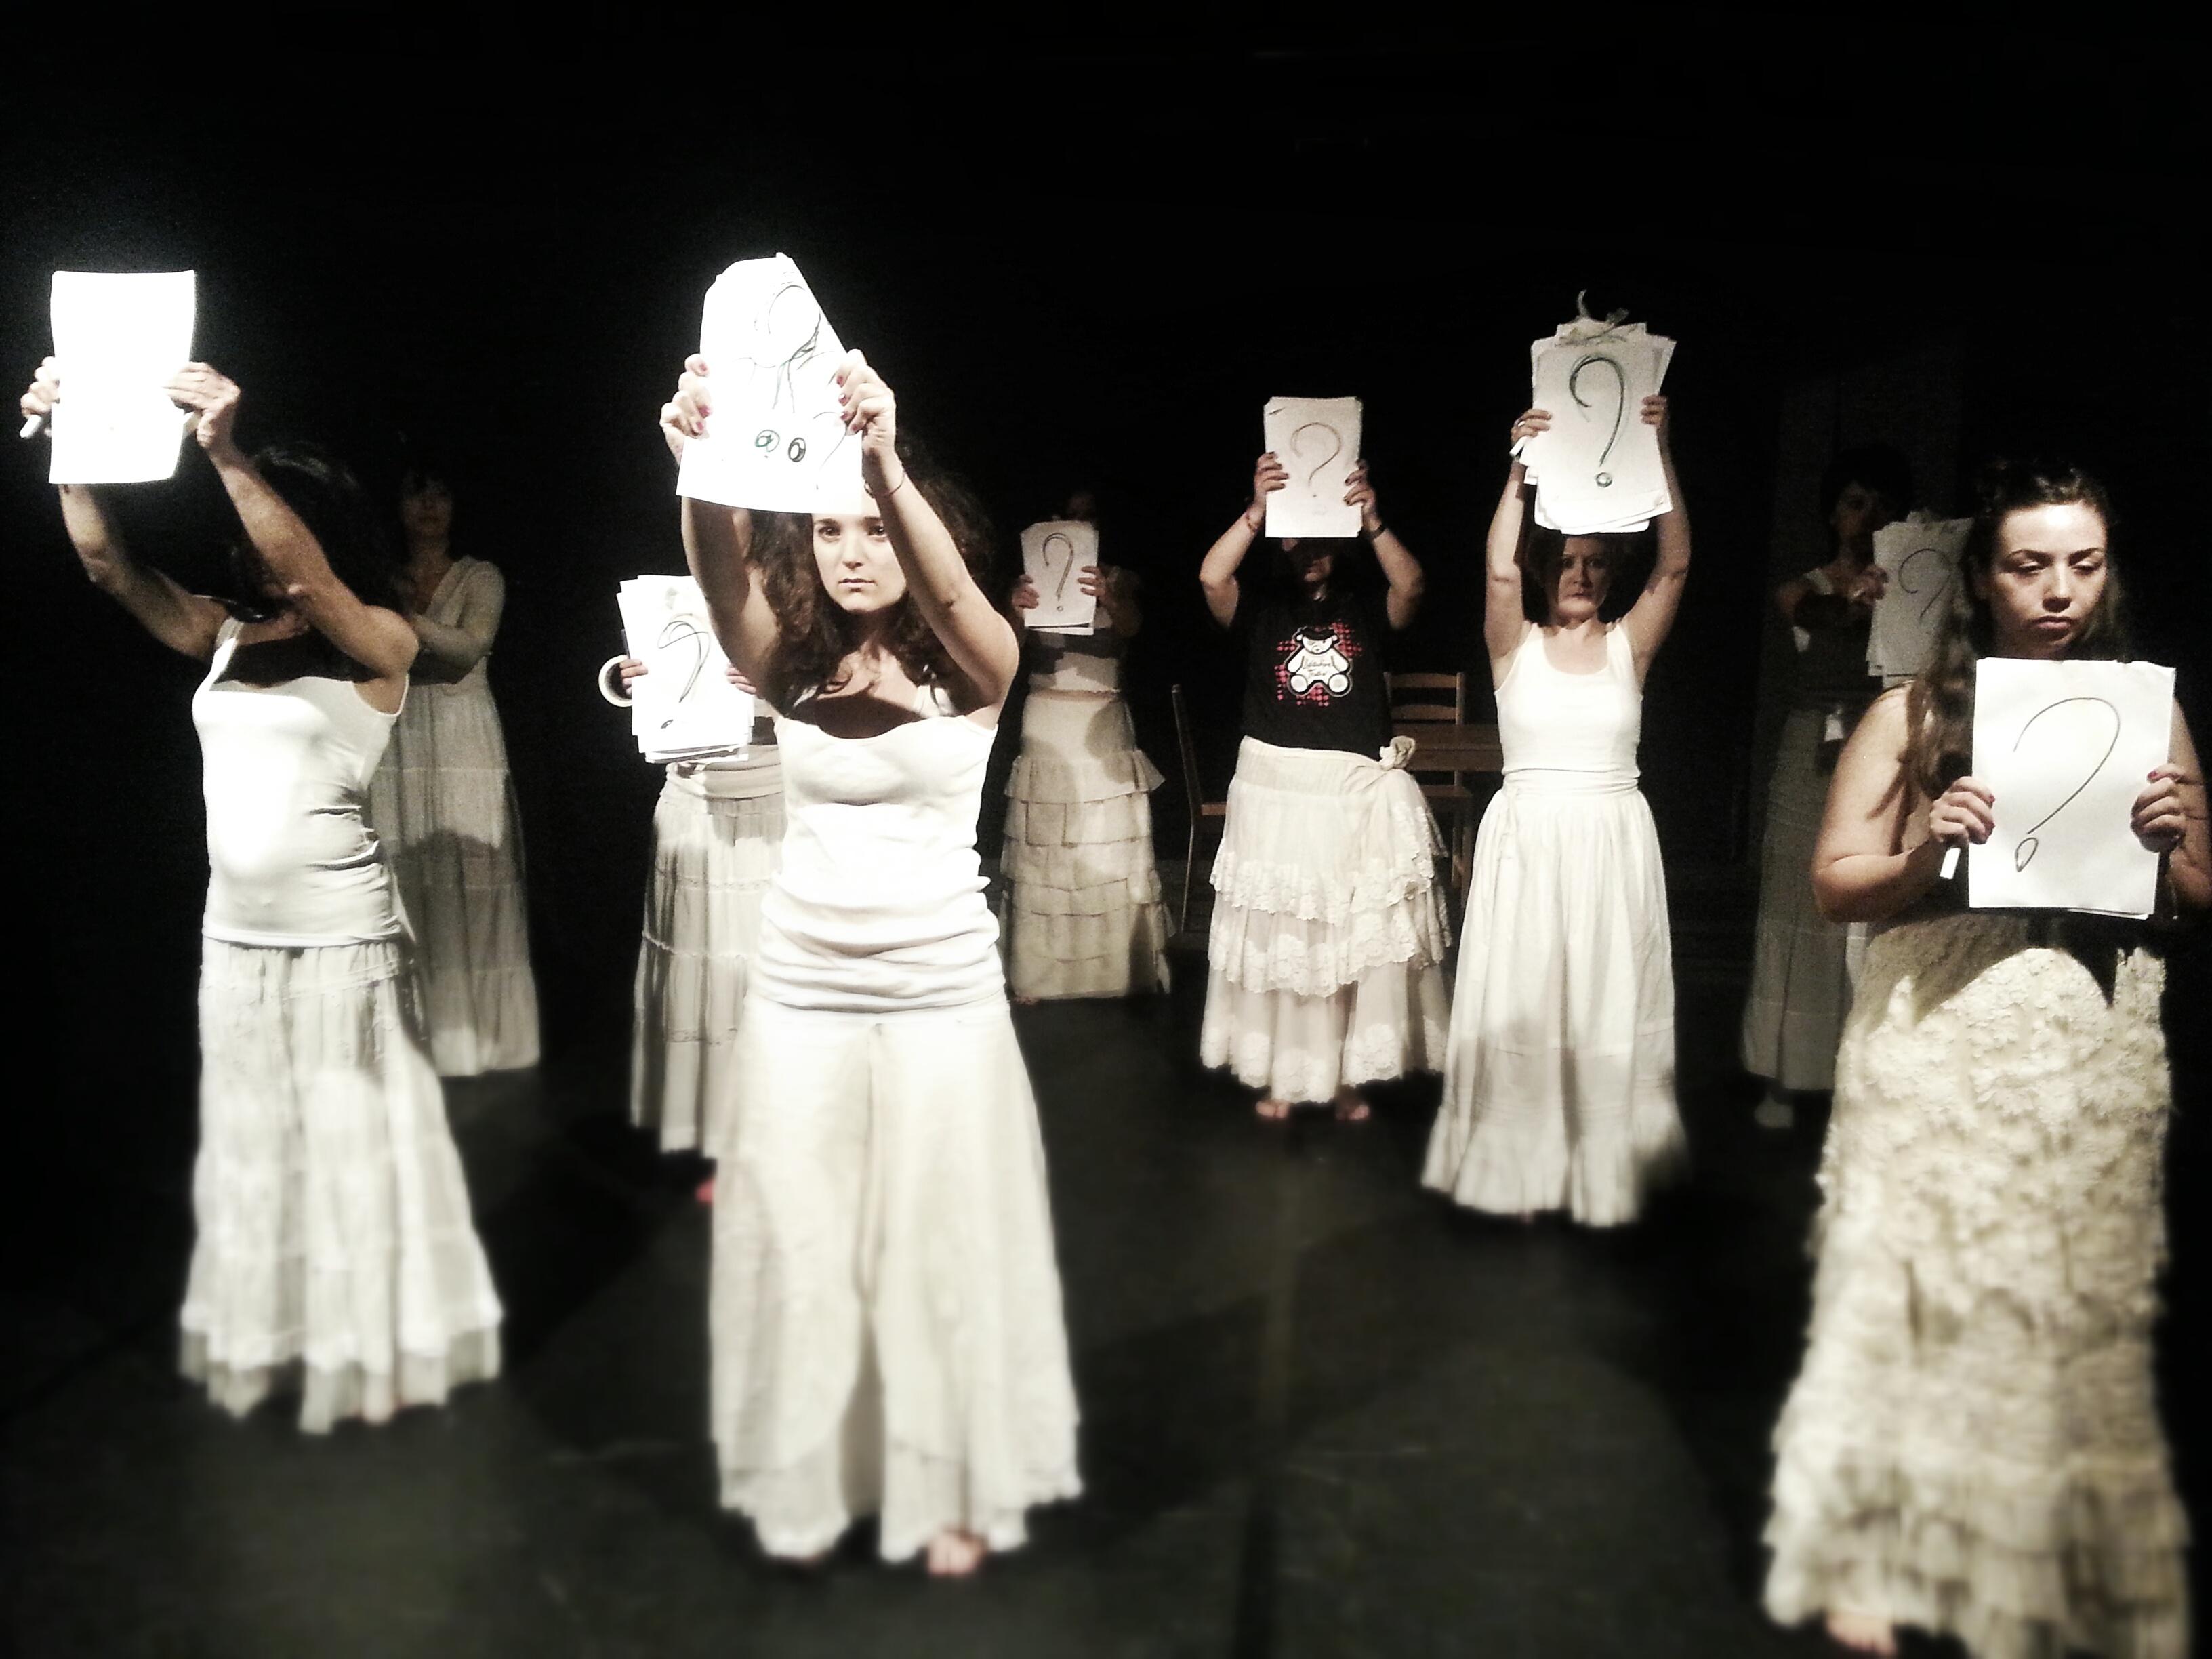 latitudine-teatro-latina24ore-625